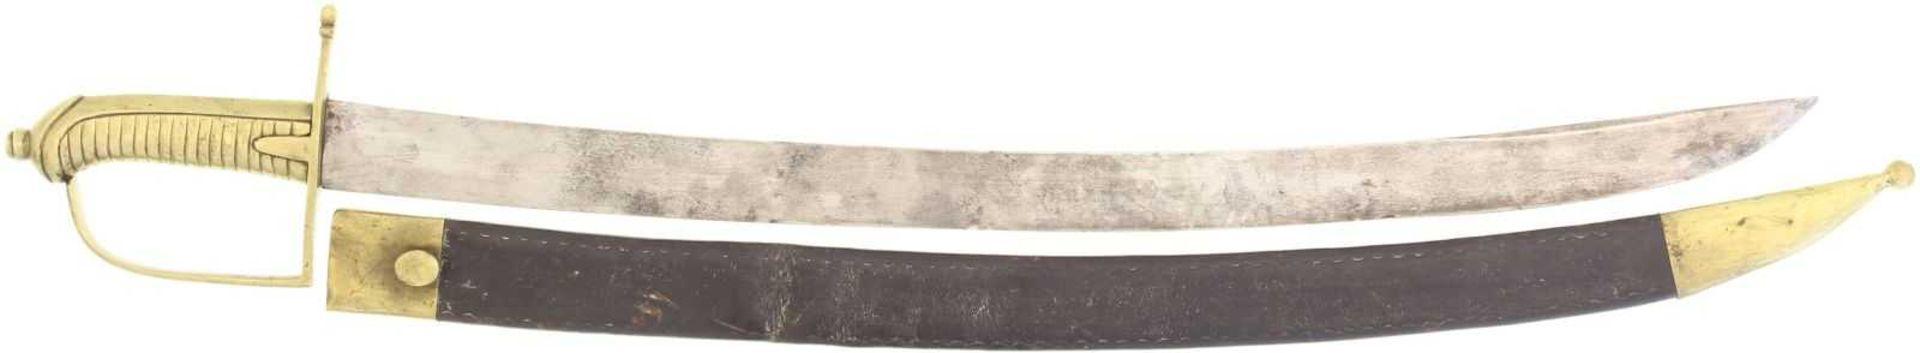 Säbel 1804, Kantonale Ord. für unberittene Mannschaft KL 600mm, TL 730mm, Klinge volle Wurzel,